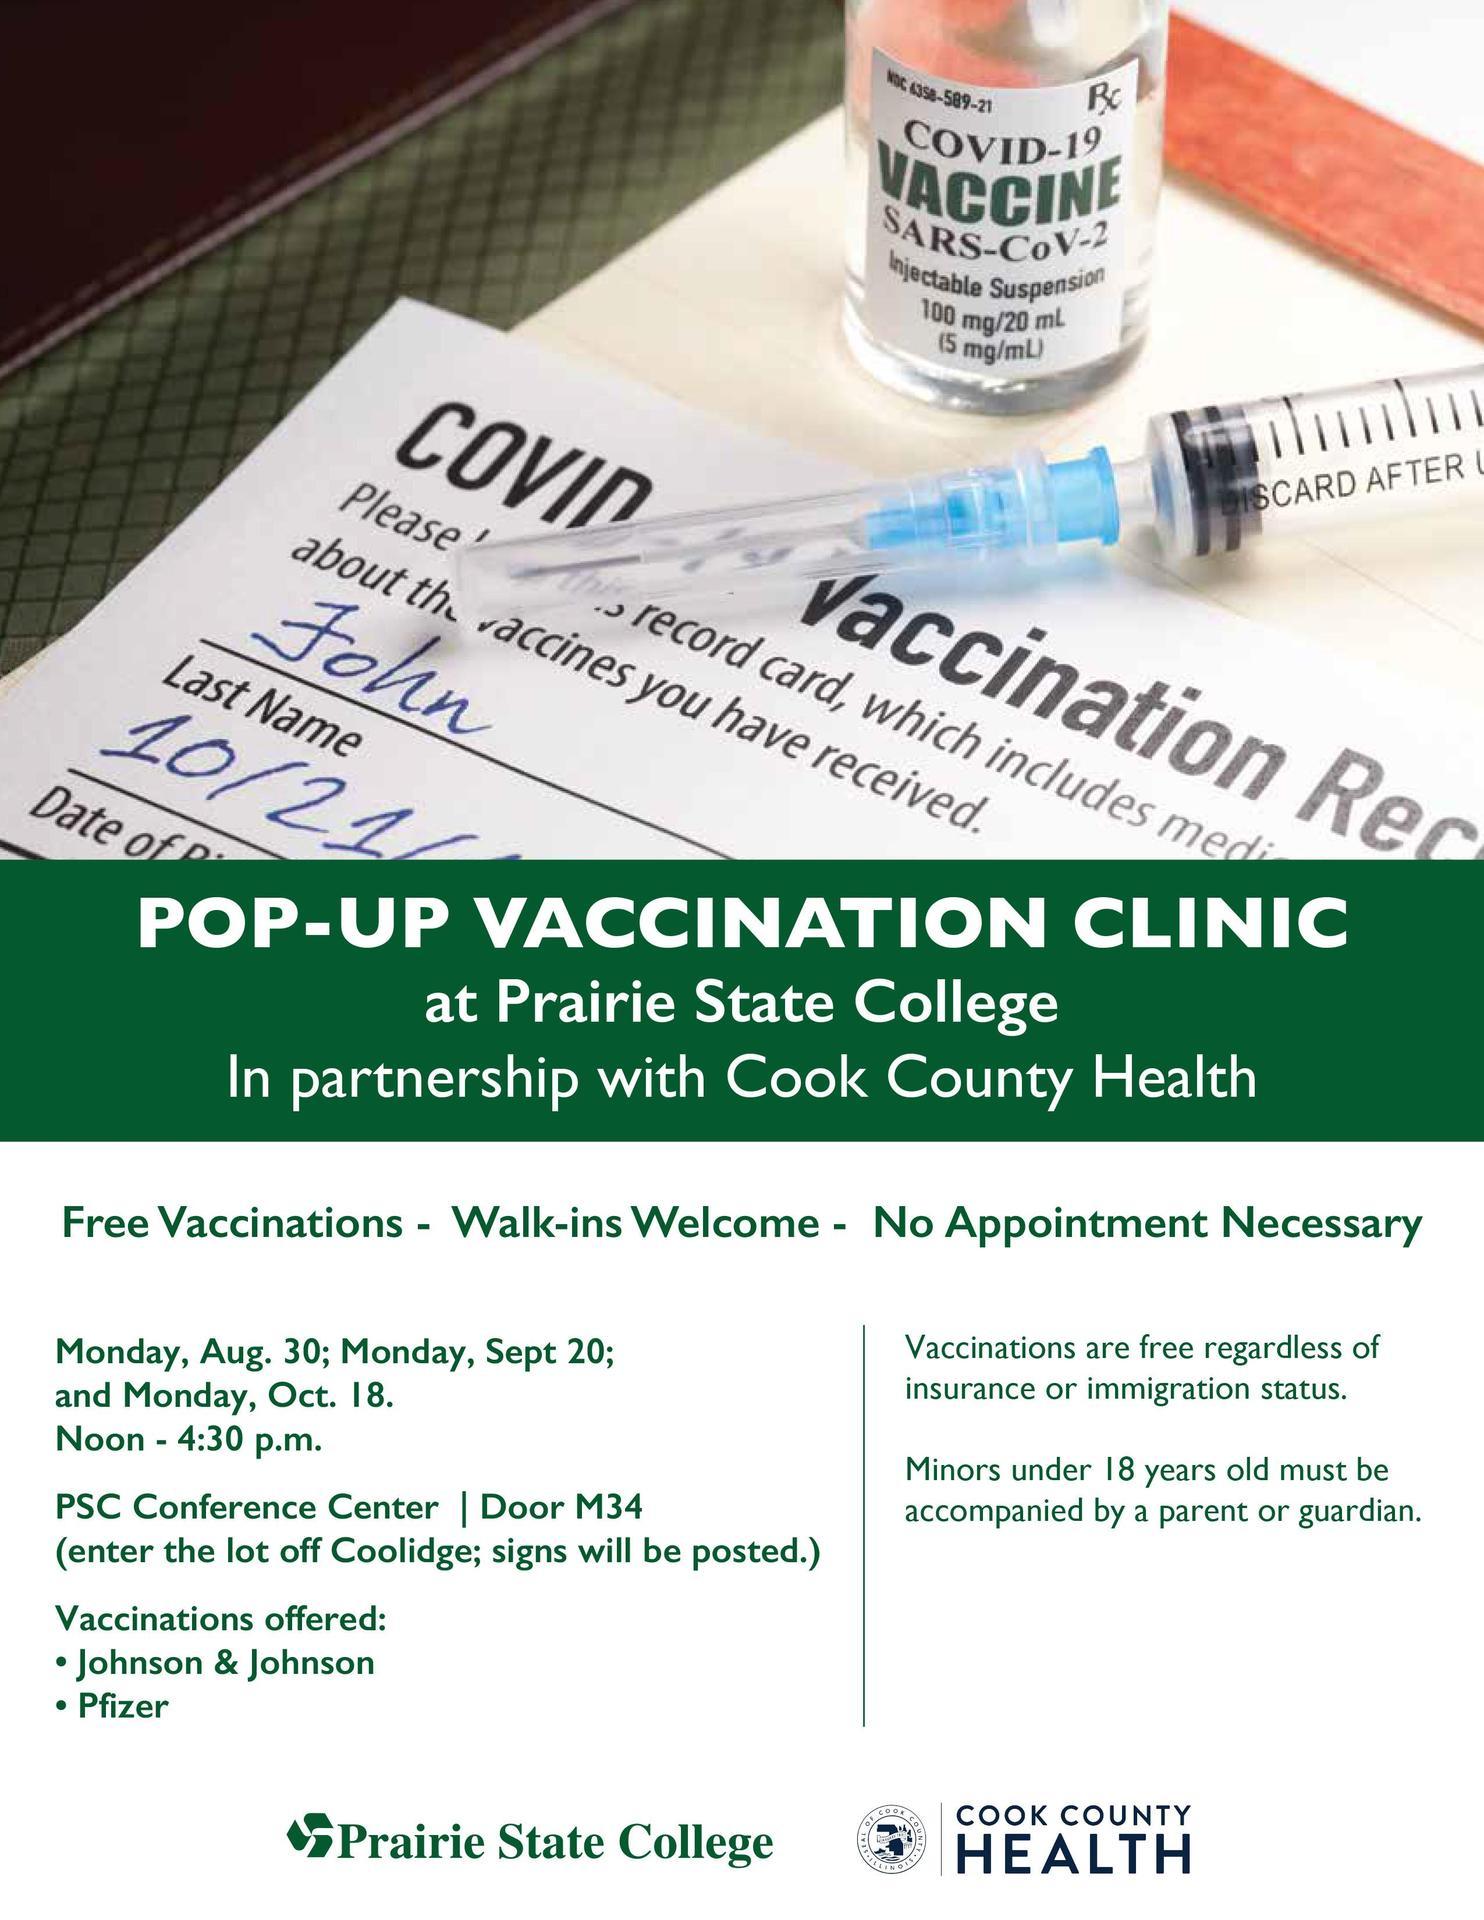 Prairie State College vaccine clinic